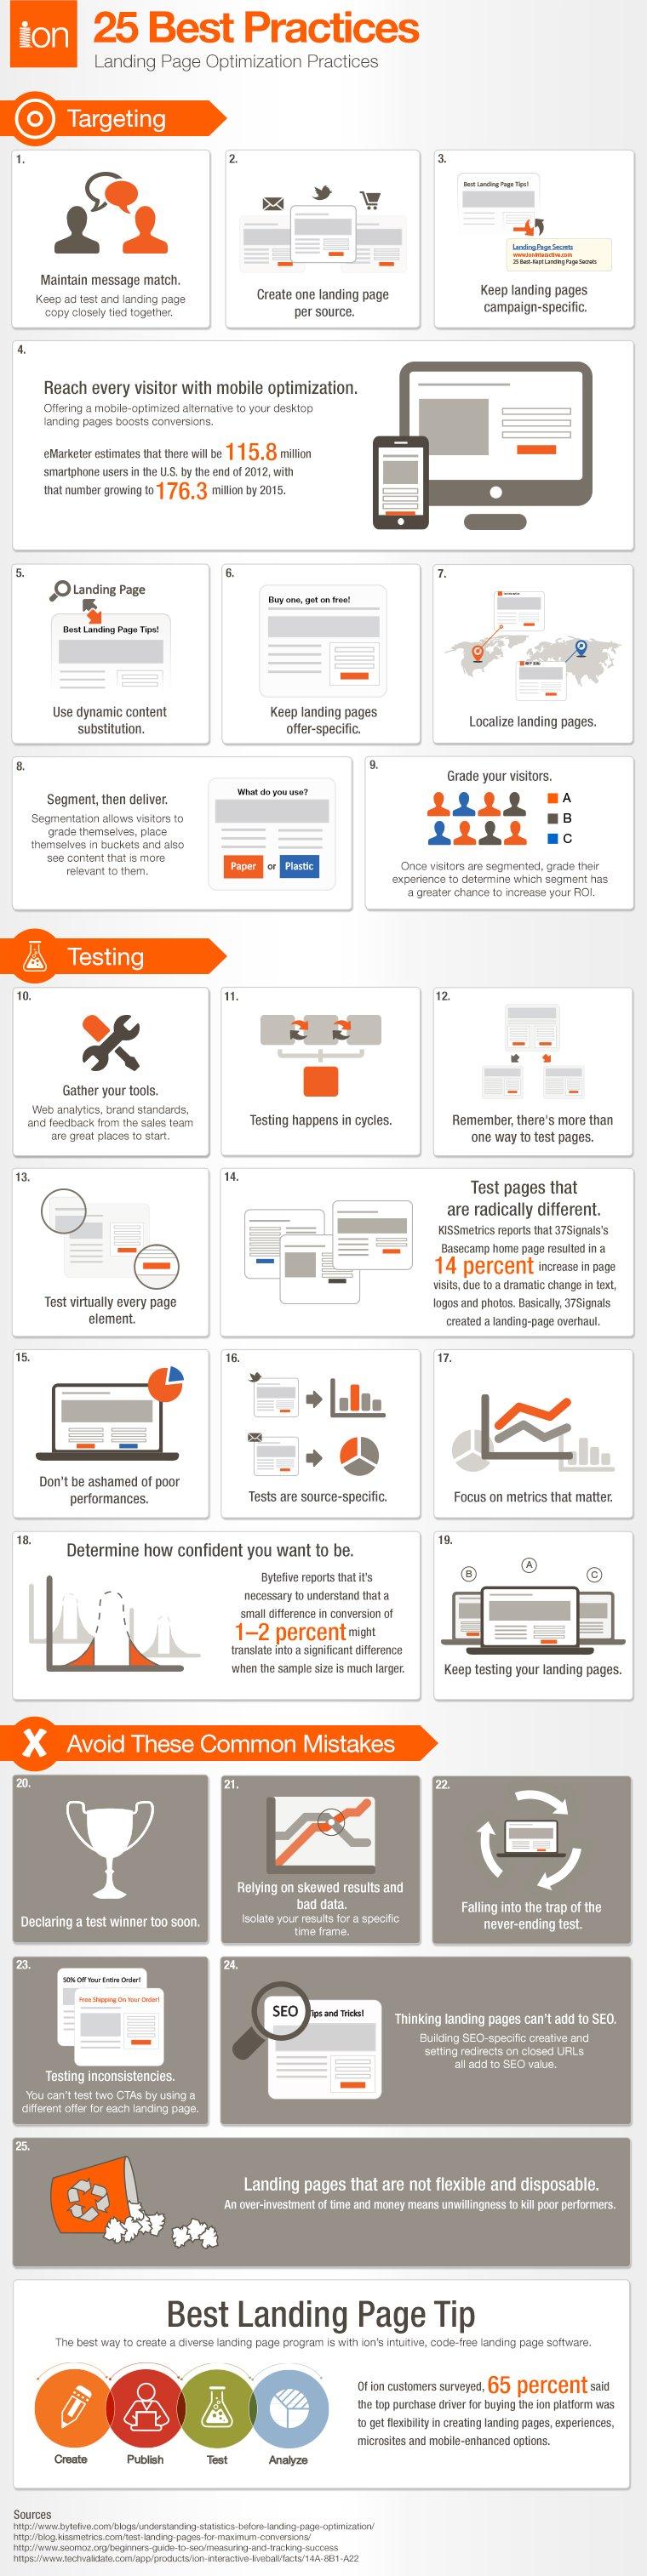 Infografía: Mejores Prácticas en Landing Pages